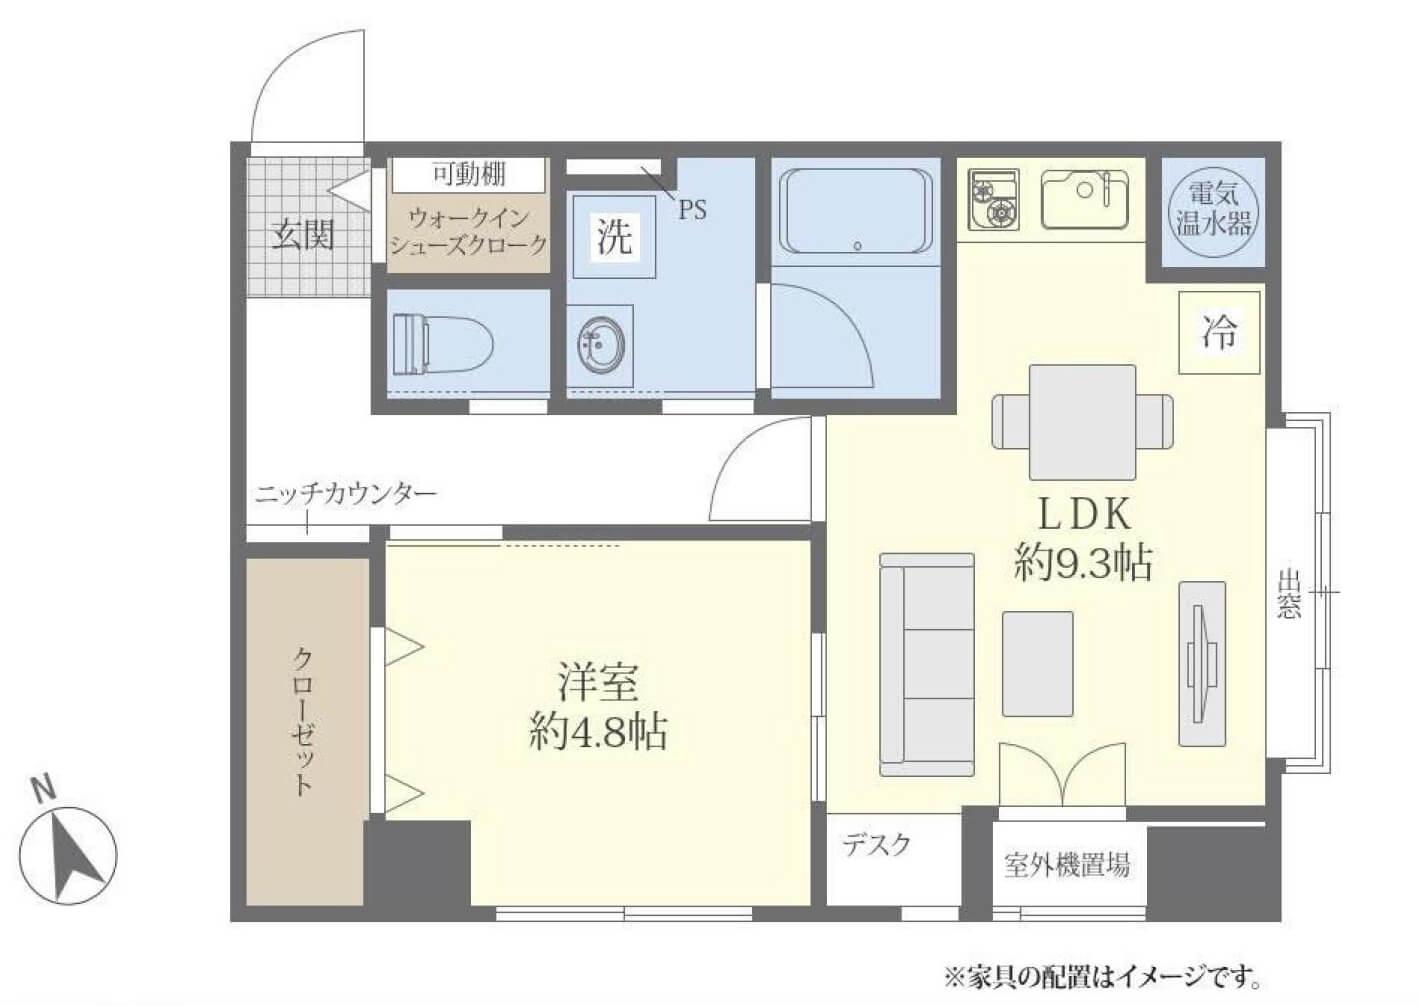 浜松町 都心で働くシングルに住み心地いい部屋 間取り図